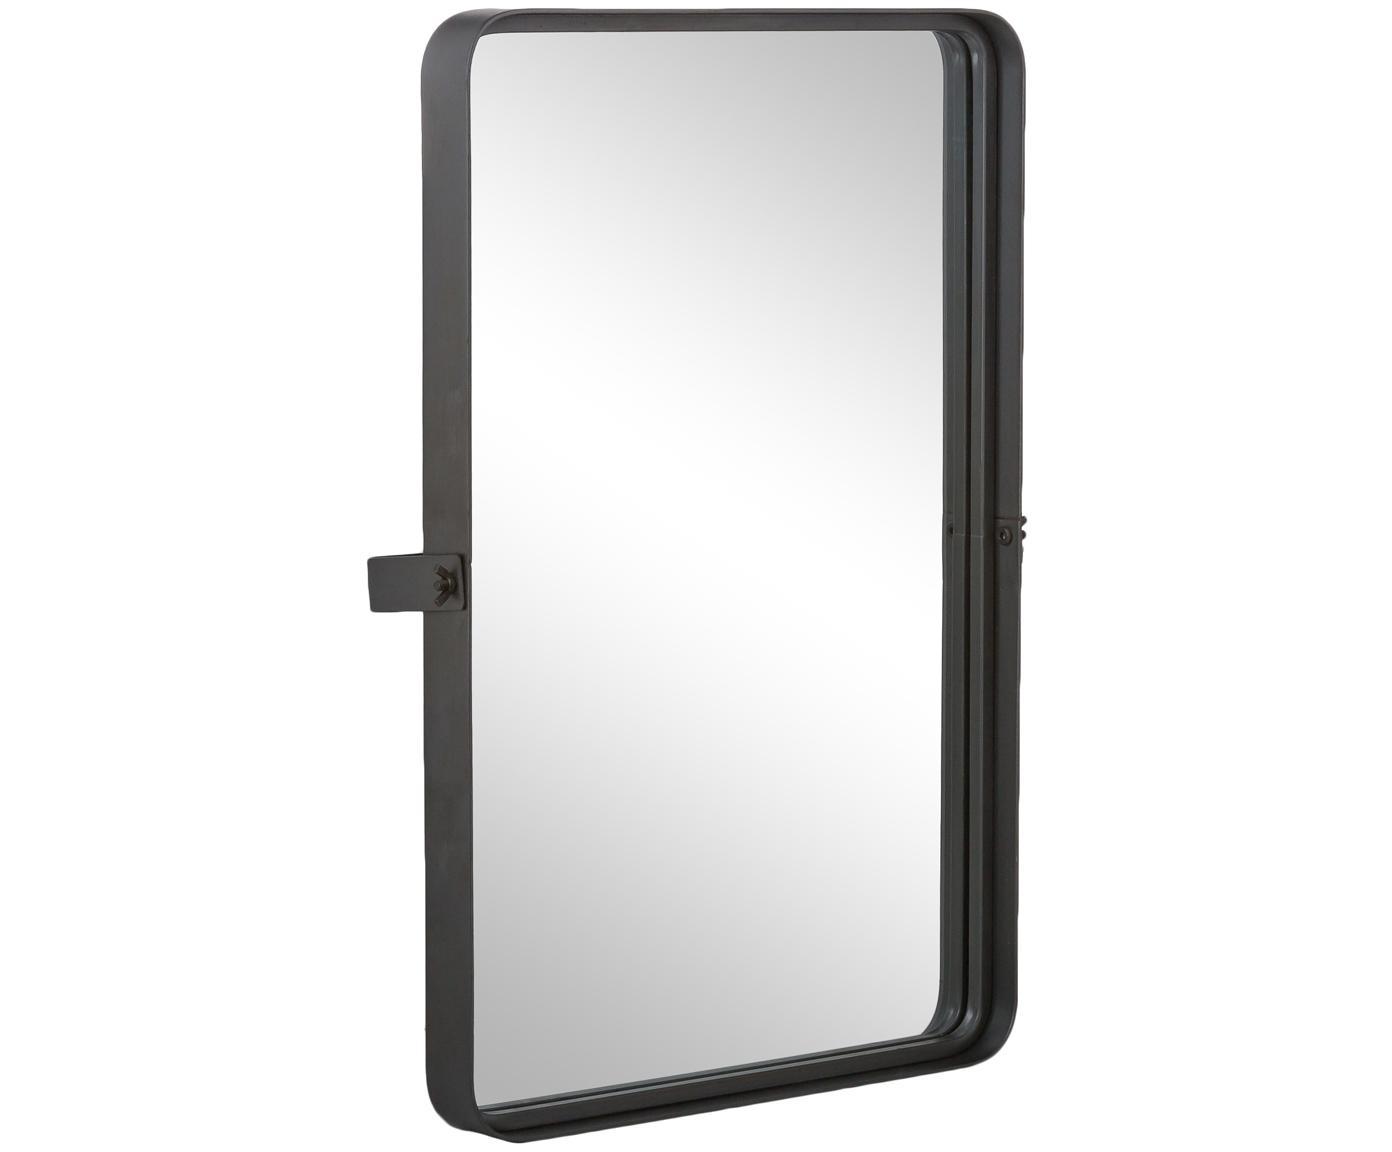 Rechthoekige wandspiegel Poke L met grijze lijst, Frame: metaal, Lijst: donkergrijs. Spiegelvlak: spiegelglas, 41 x 60 cm